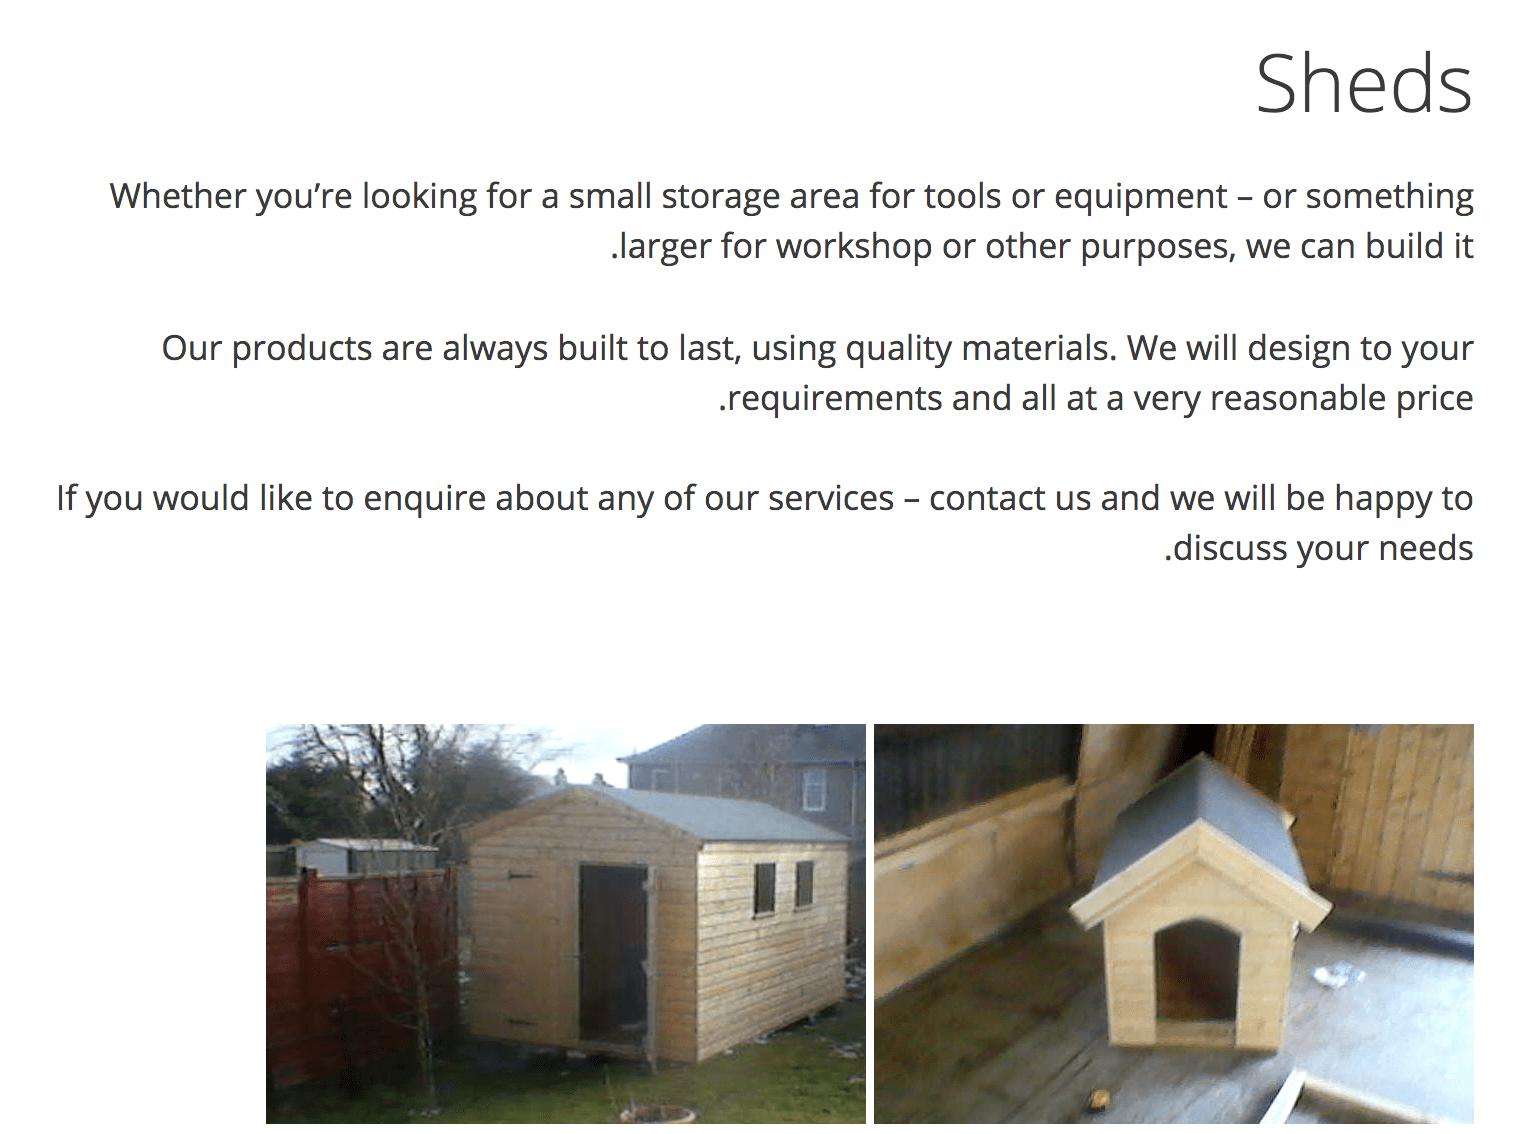 Garden sheds FIfe - Premier Sheds and Garages